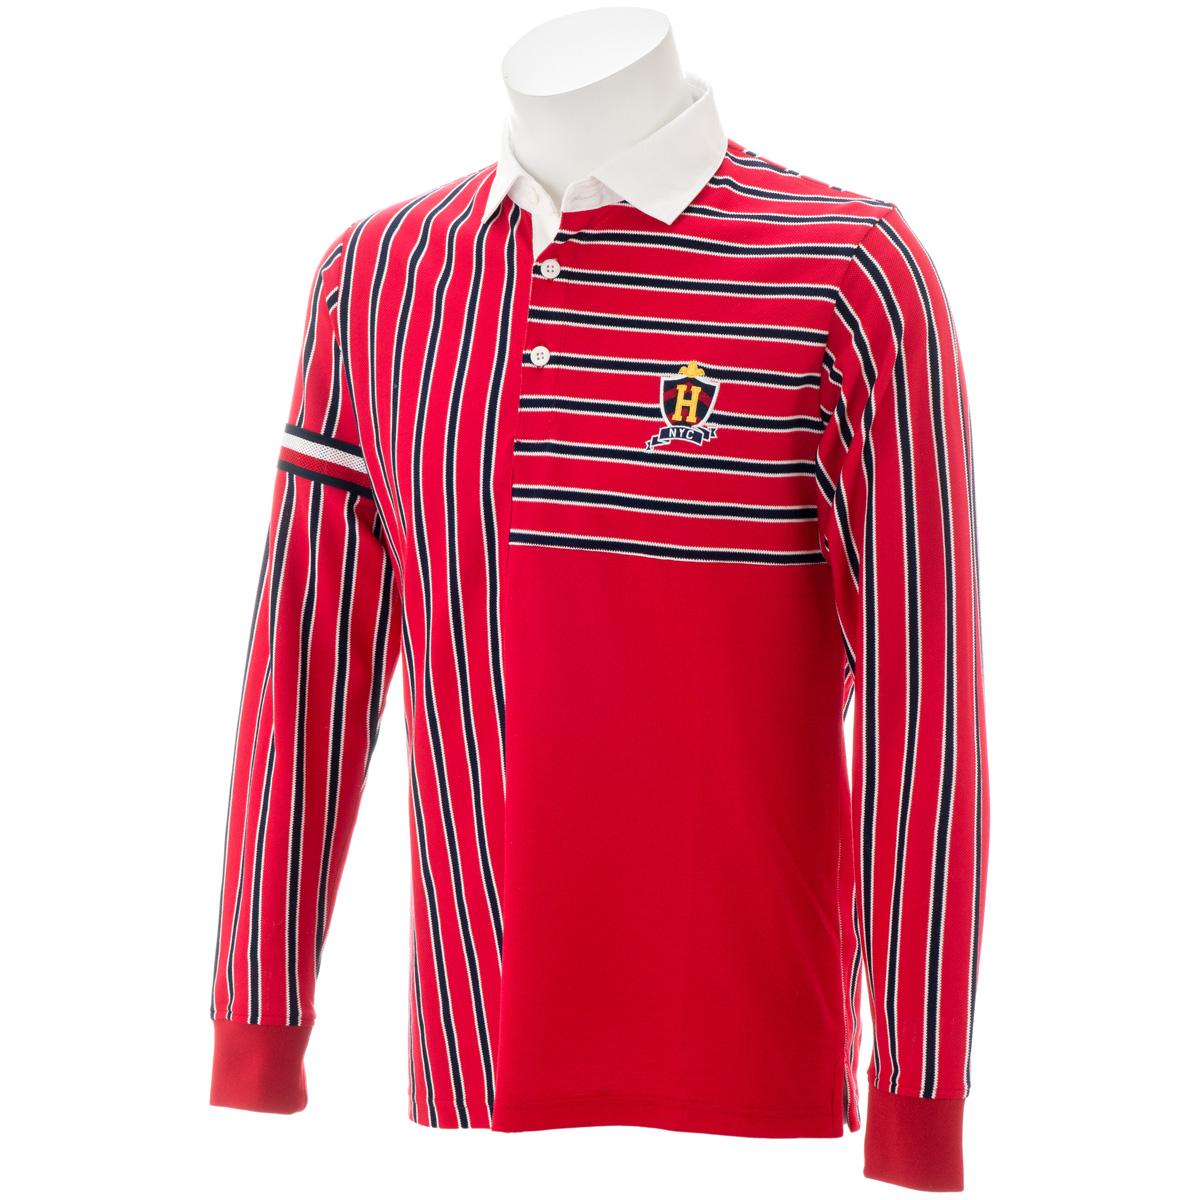 ランダム ストライプ 長袖ポロシャツ